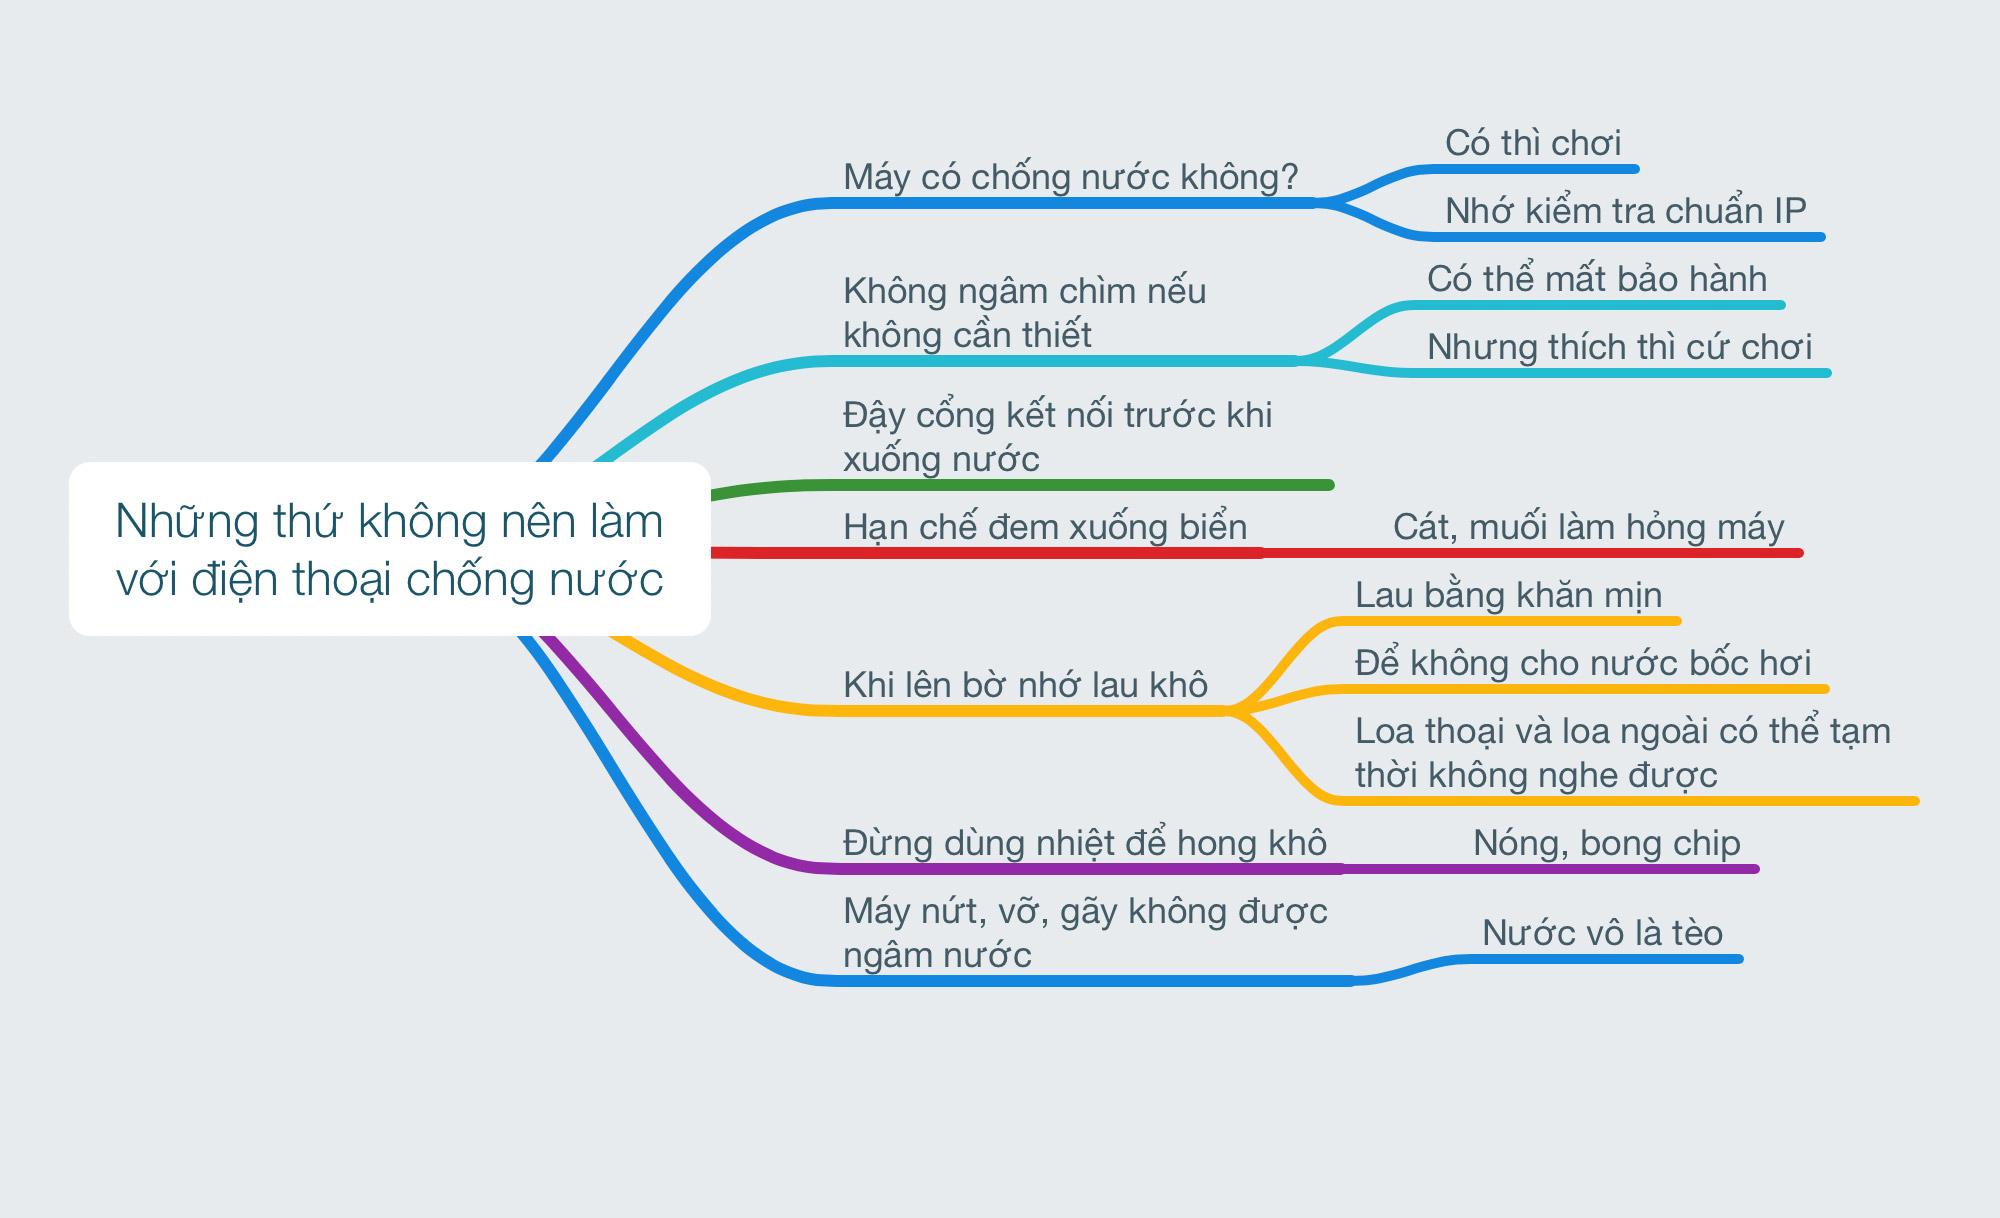 Noi_dung_chong_nuoc.jpg